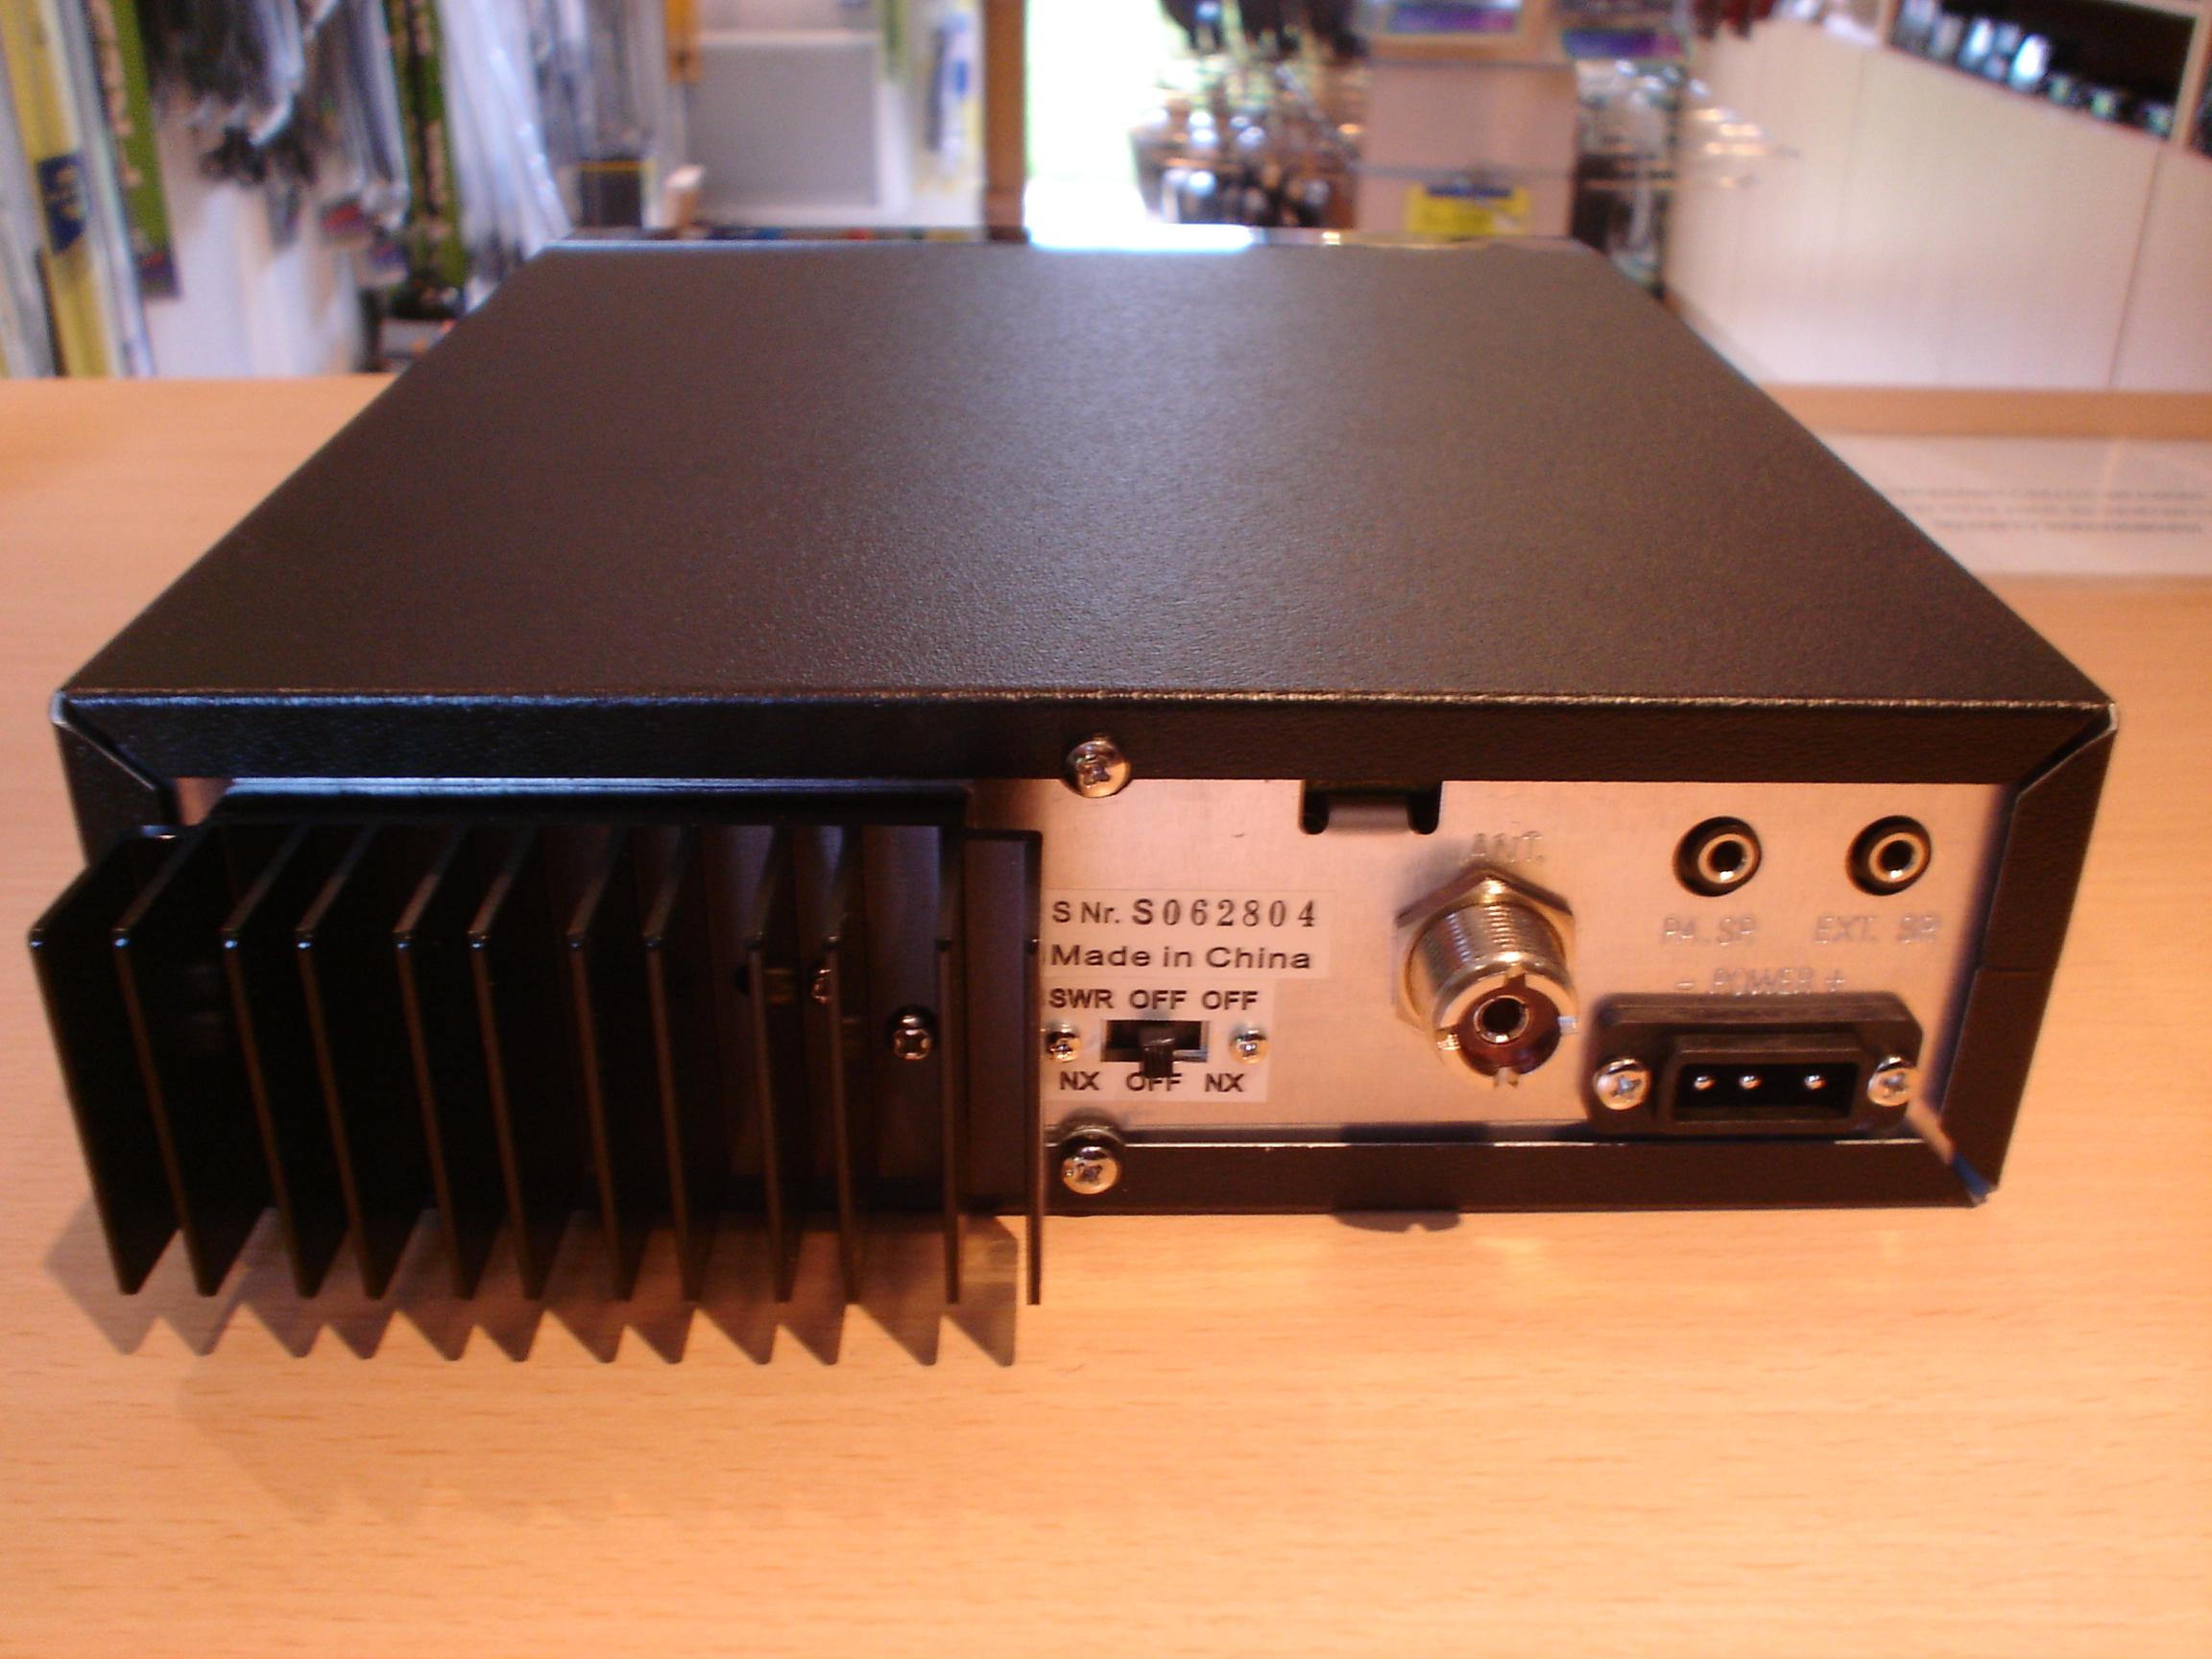 magnum s9 radio media system. Black Bedroom Furniture Sets. Home Design Ideas